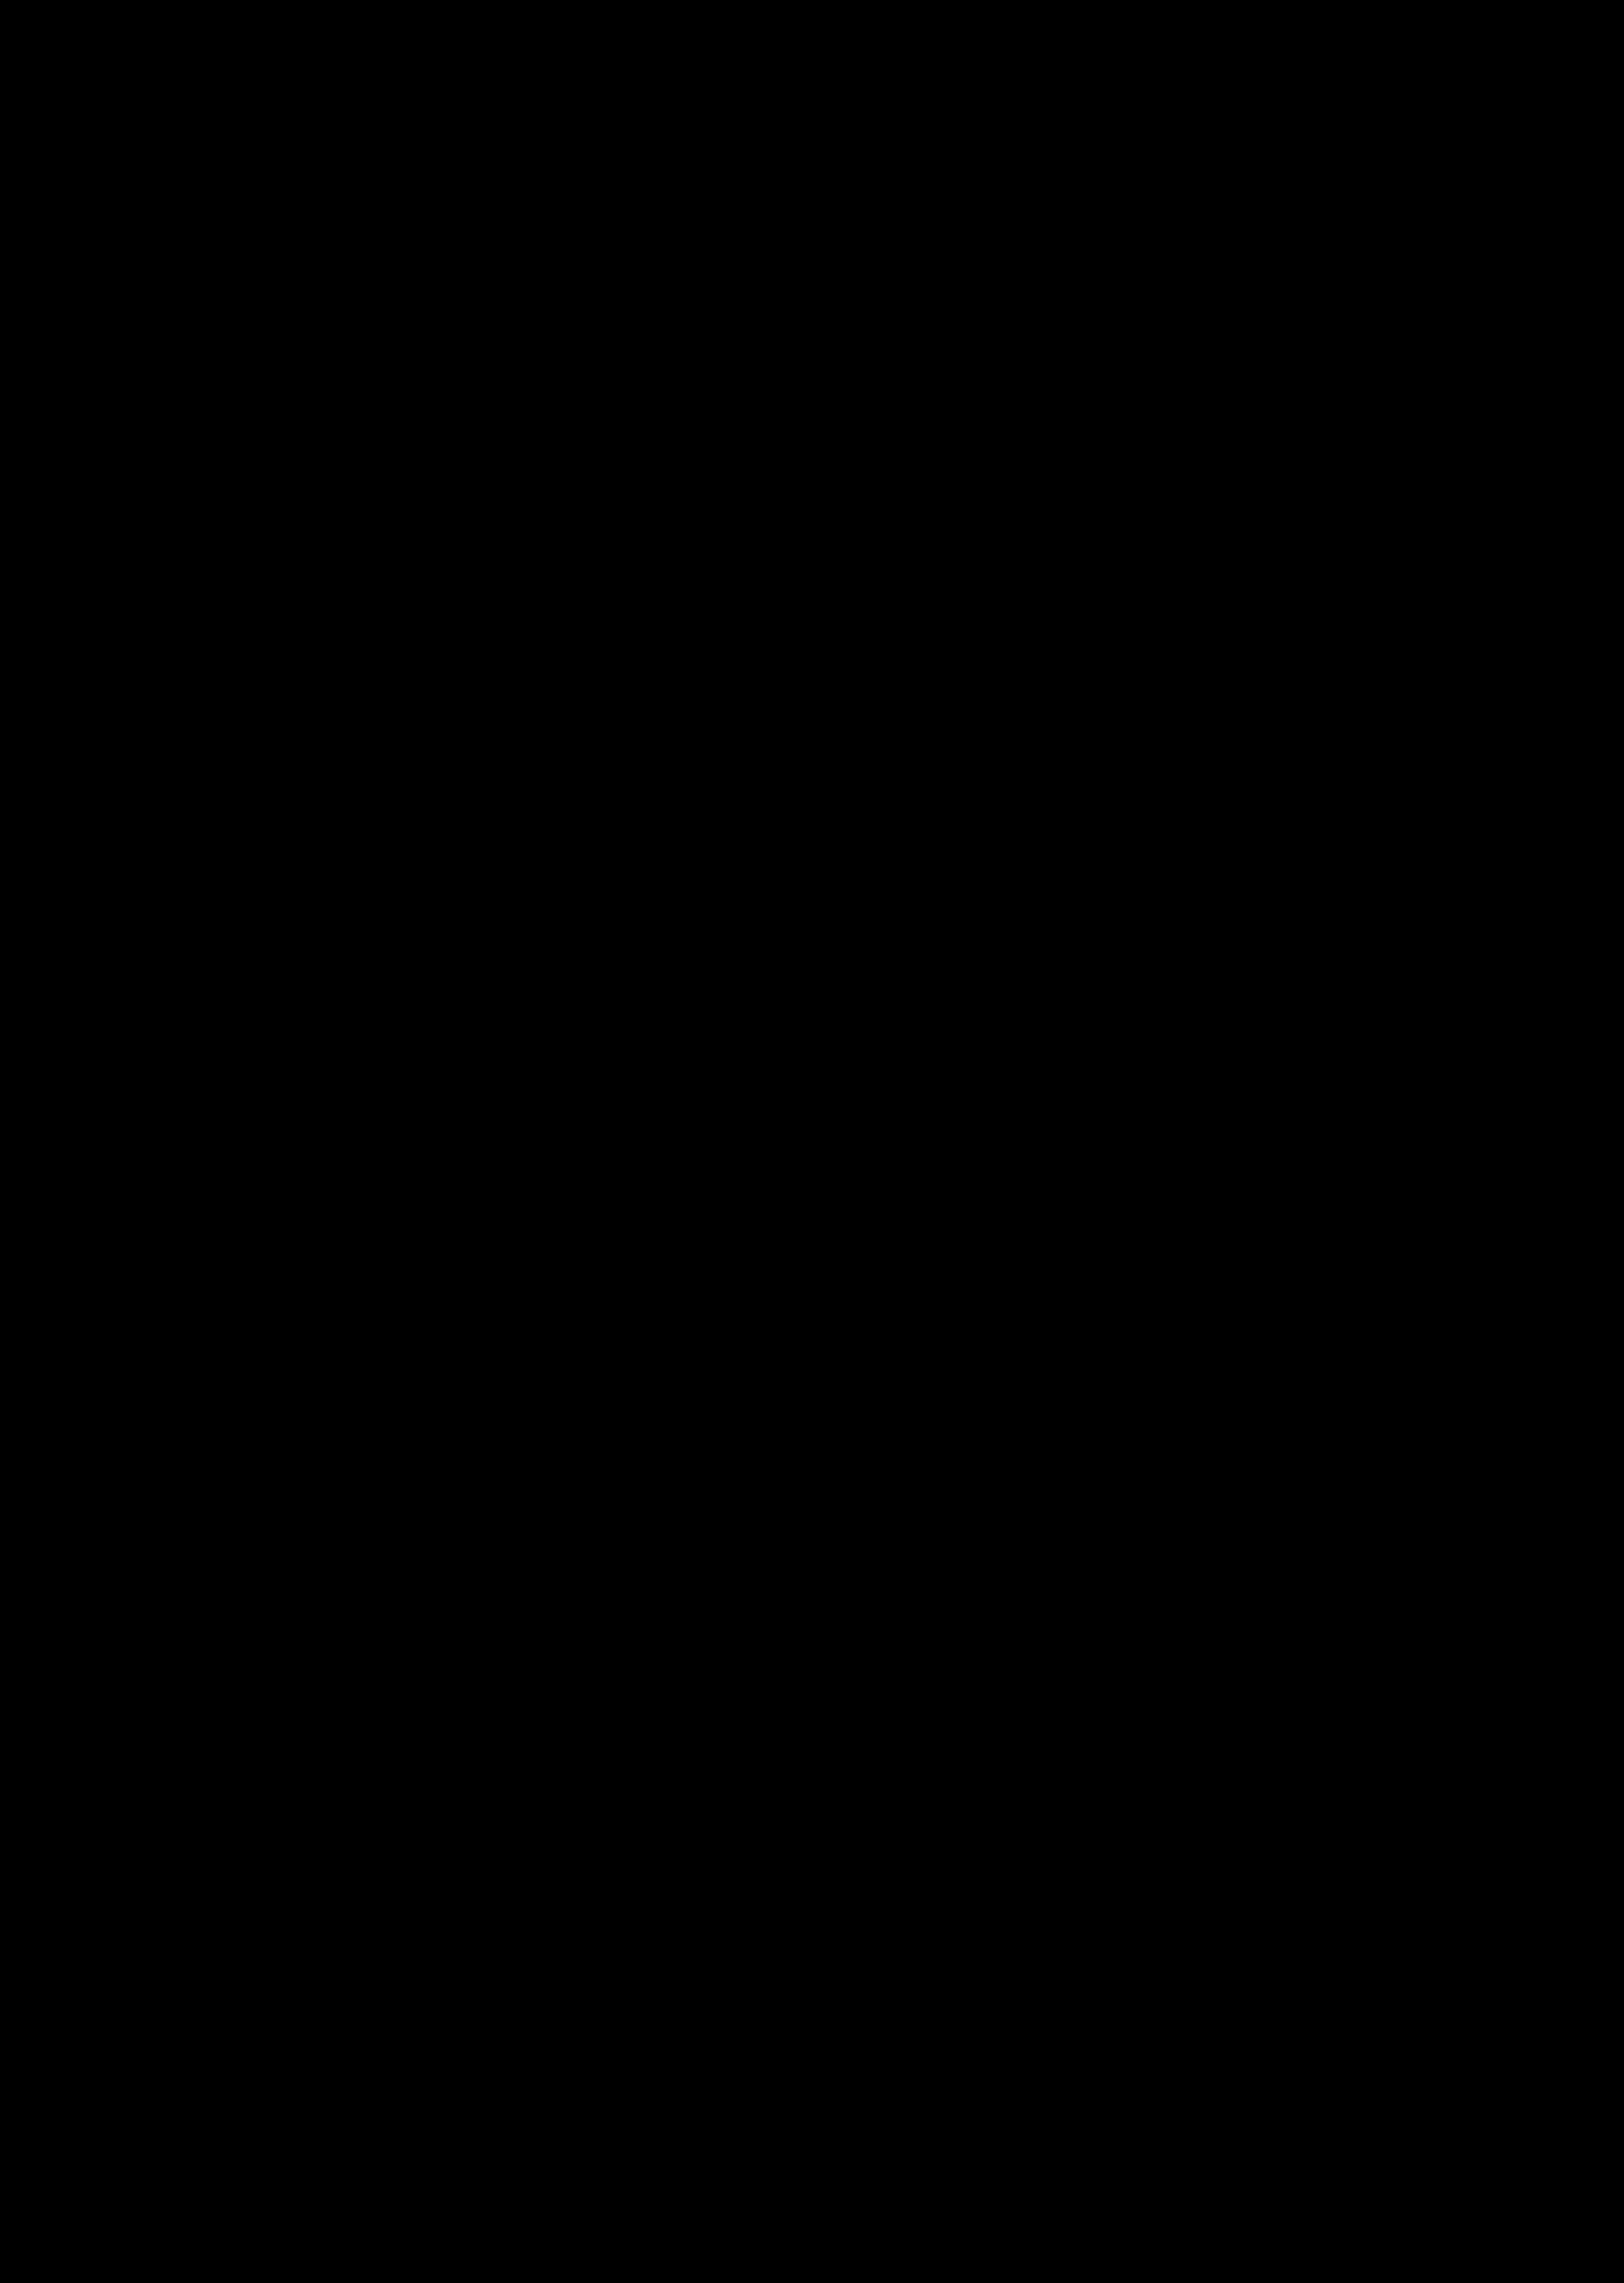 Anime TV Comeback Des Jahres Detektiv Conan Kehrt Mit Neuen Folgen